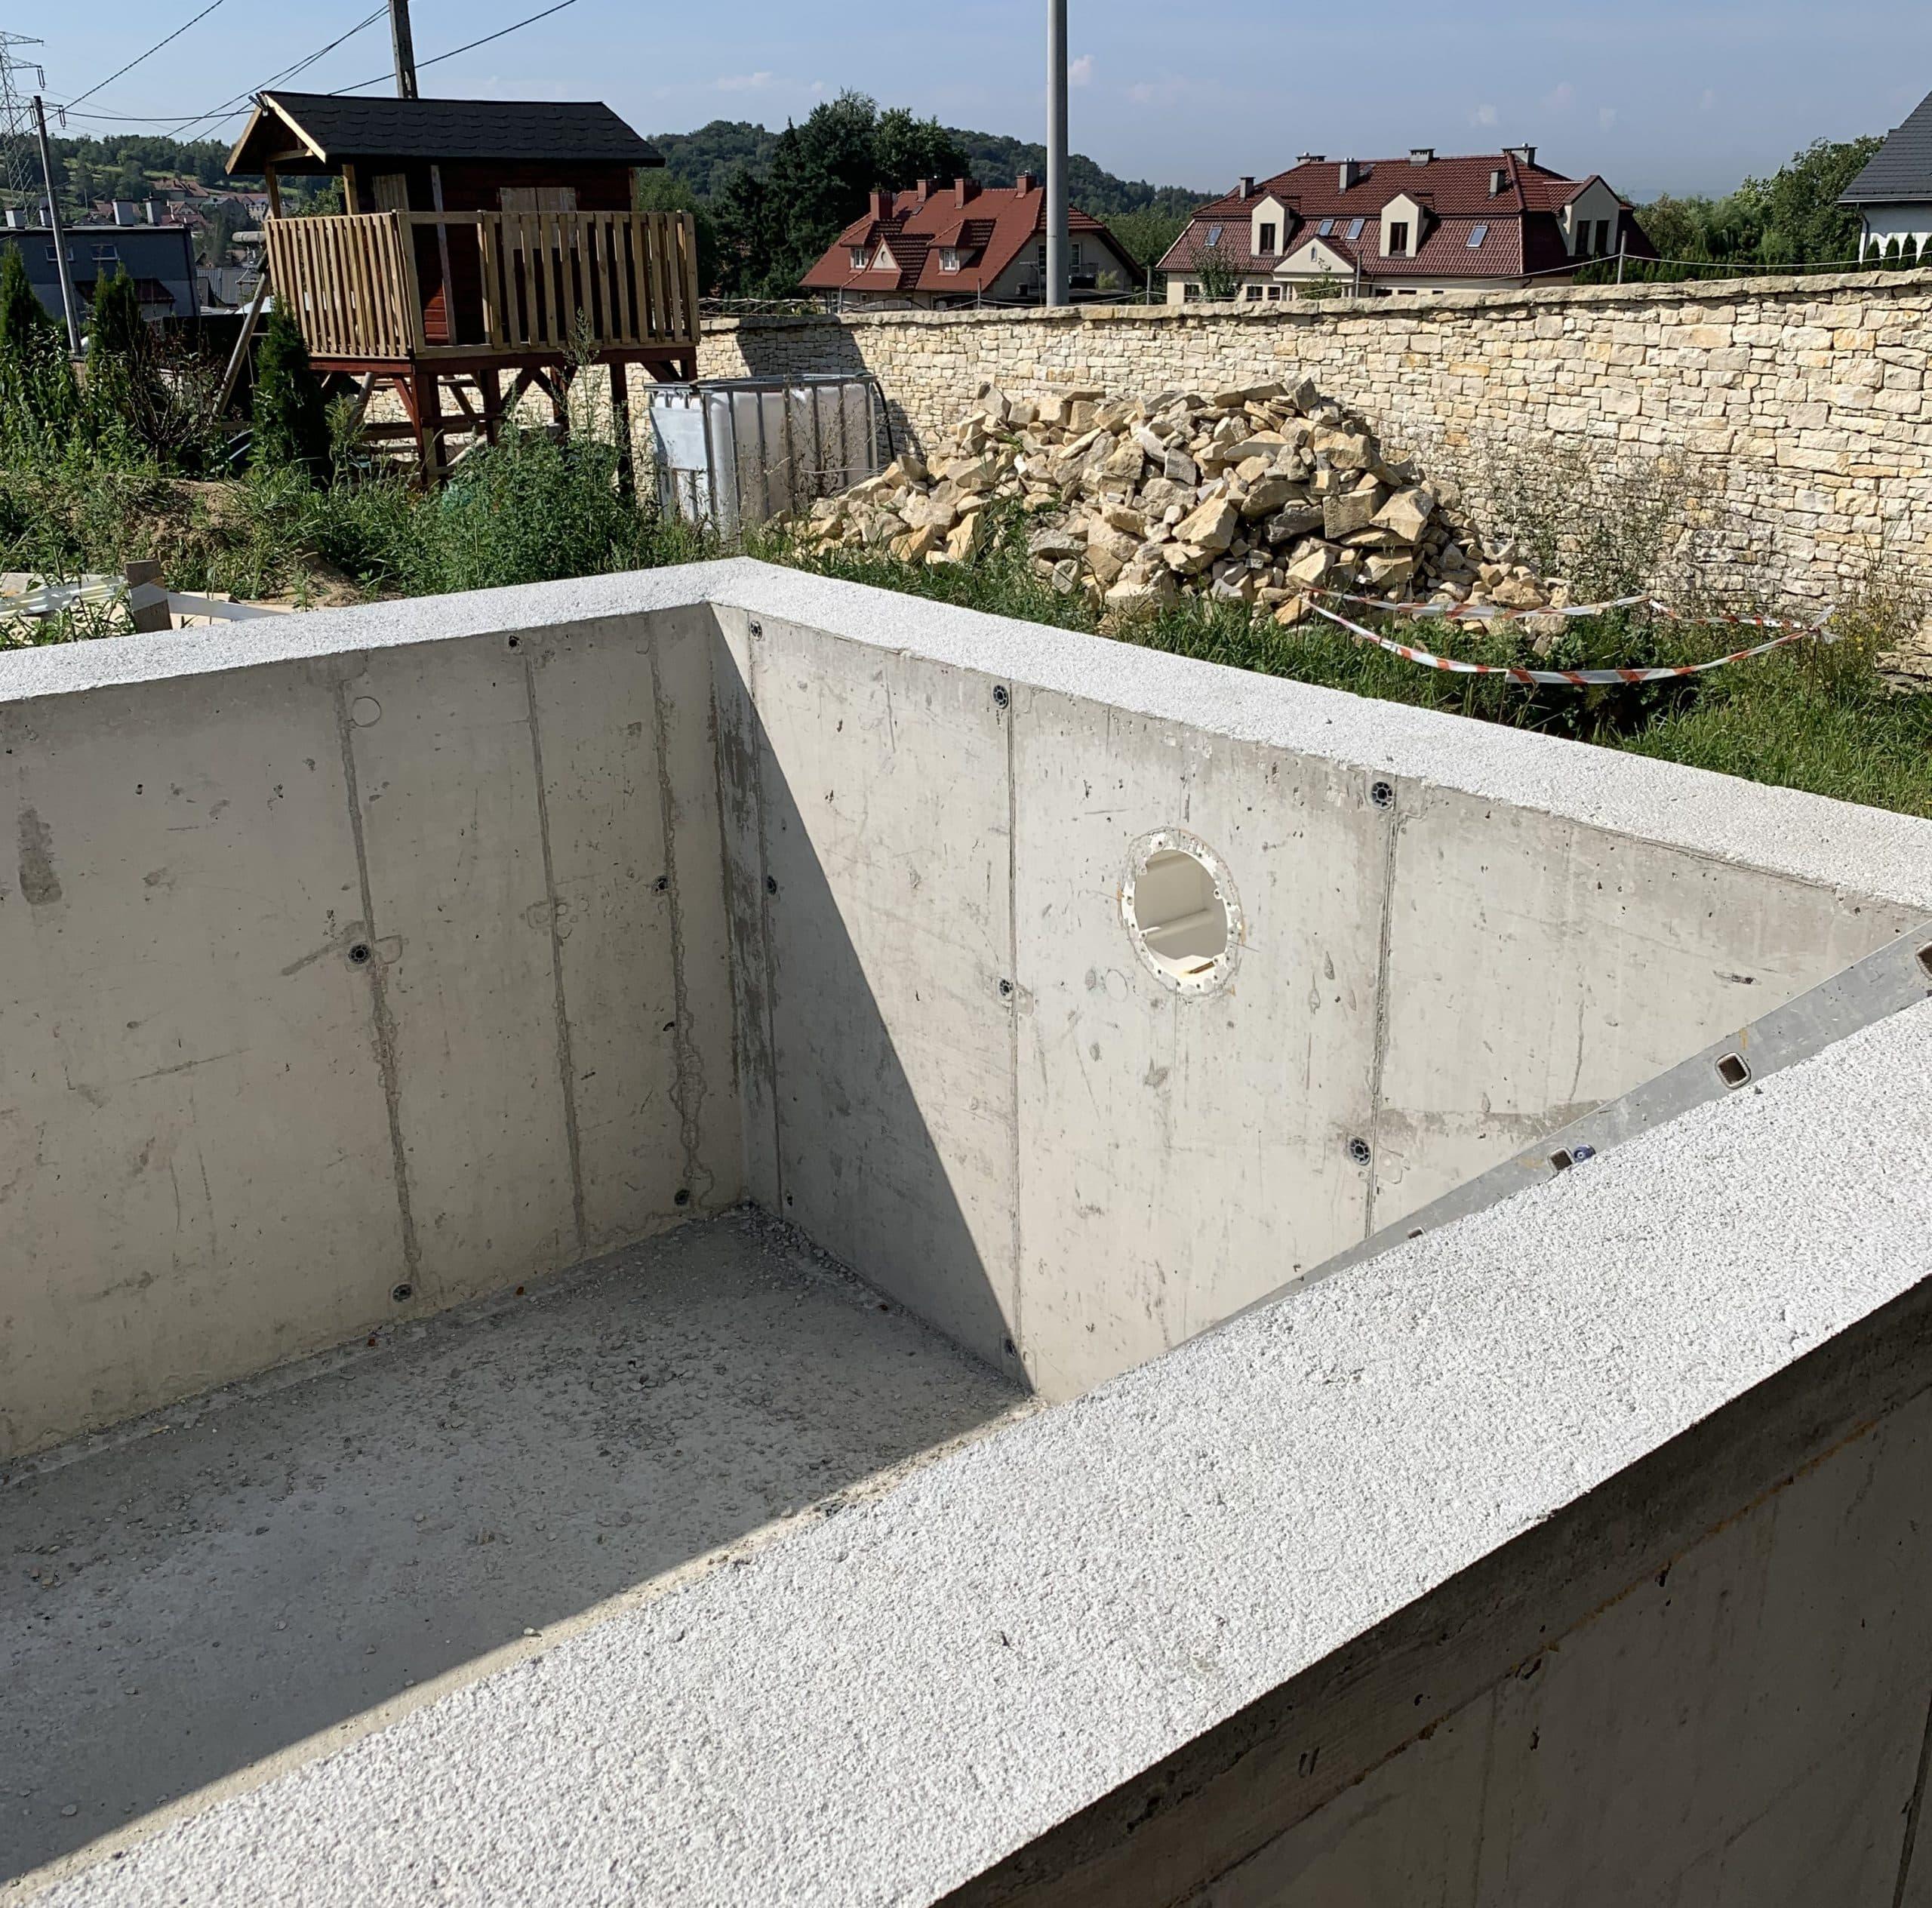 przeciwprąd, basen żelbetowy, infinity, ściana przelewowa, roleta, podwodna, pływająca, montaż, budowa basenu